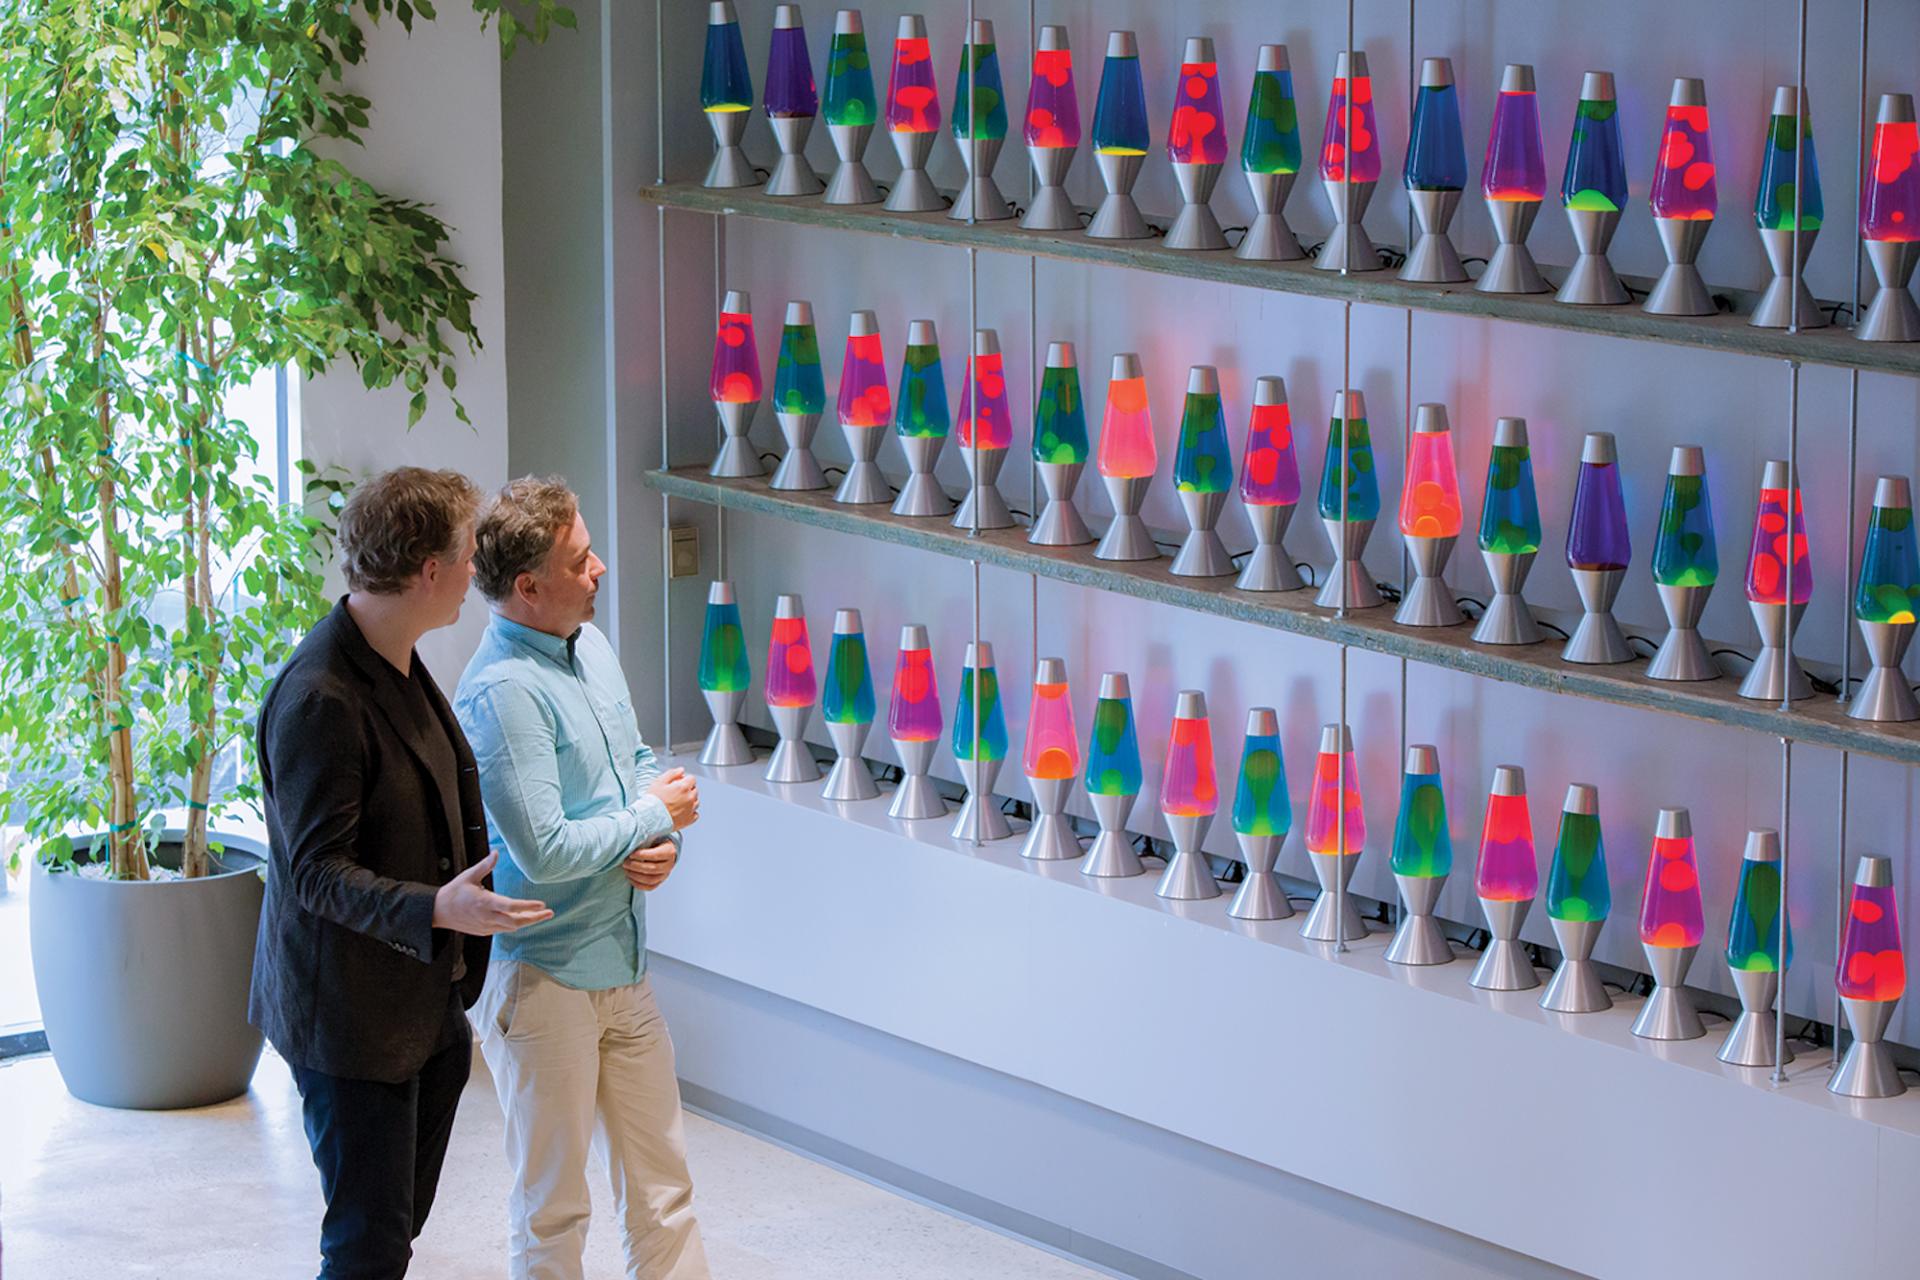 La société Cloudflare sécurise 10% du trafic internet mondial avec... ce mur de lampes à lave